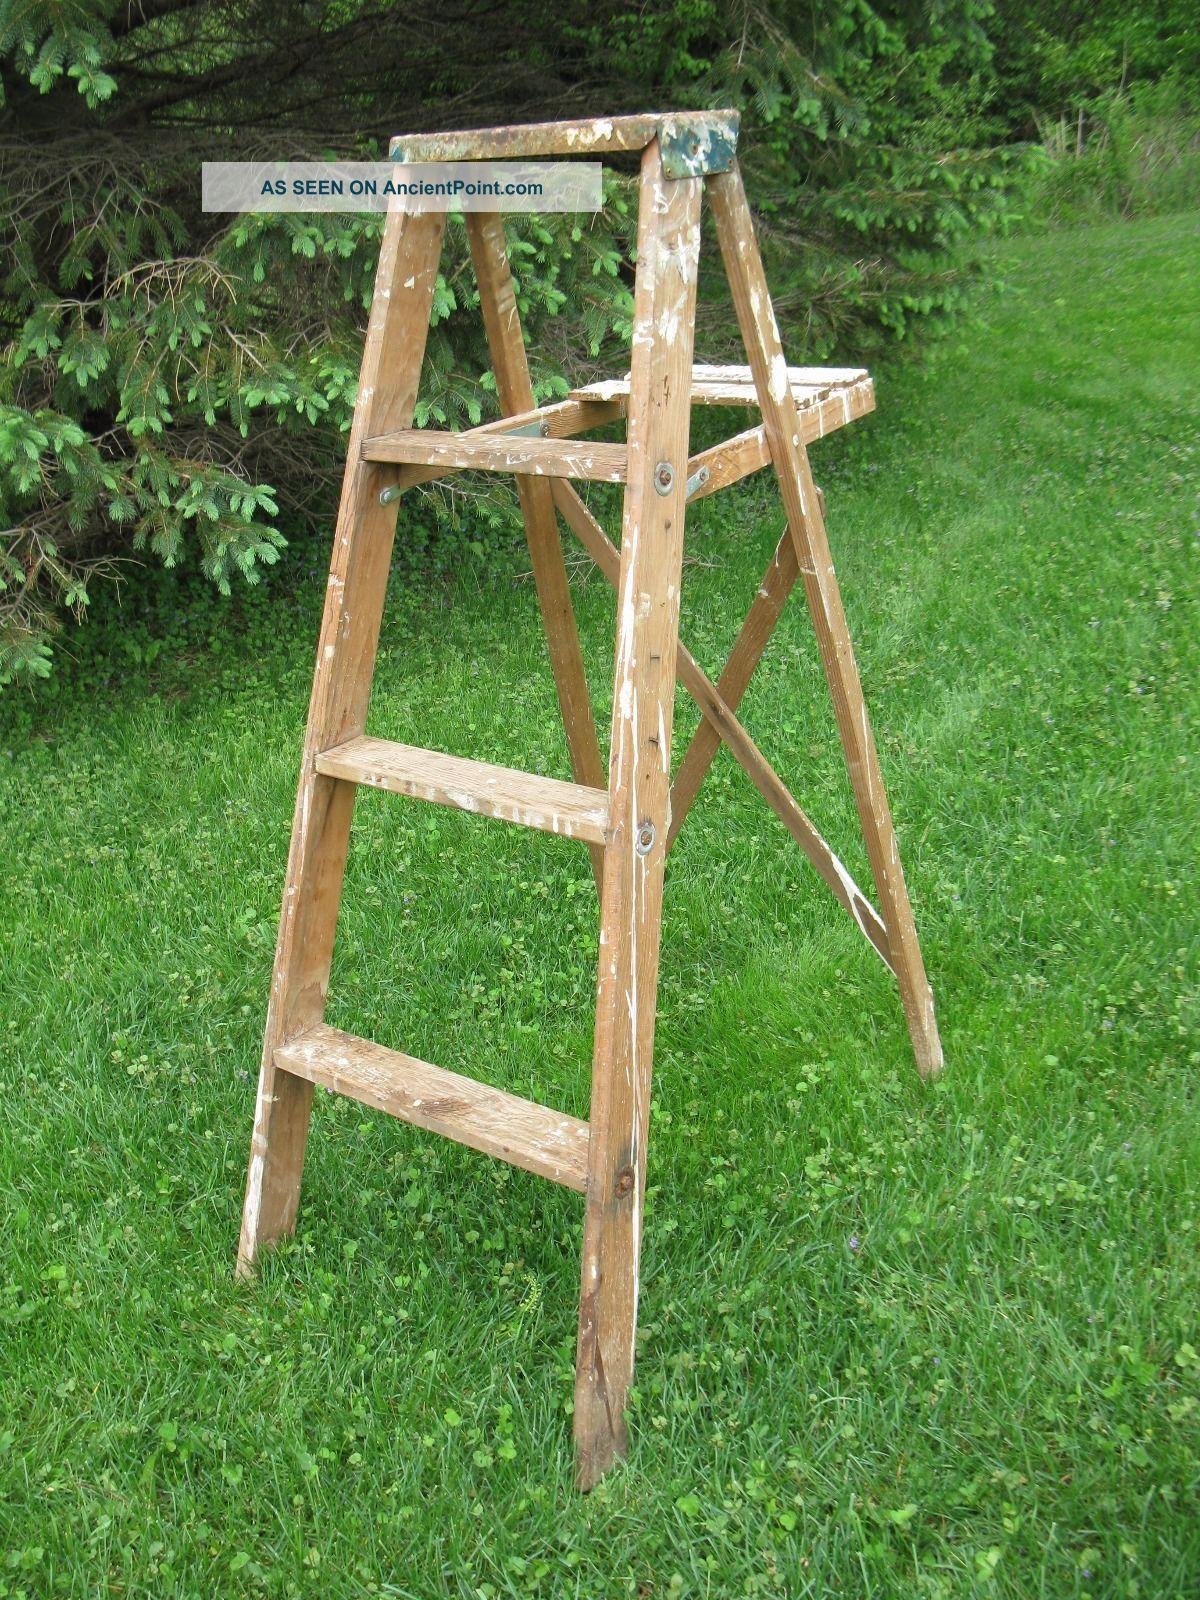 Old Vintage 4 Ft Wooden Step Ladder Rustic Primitive Decor